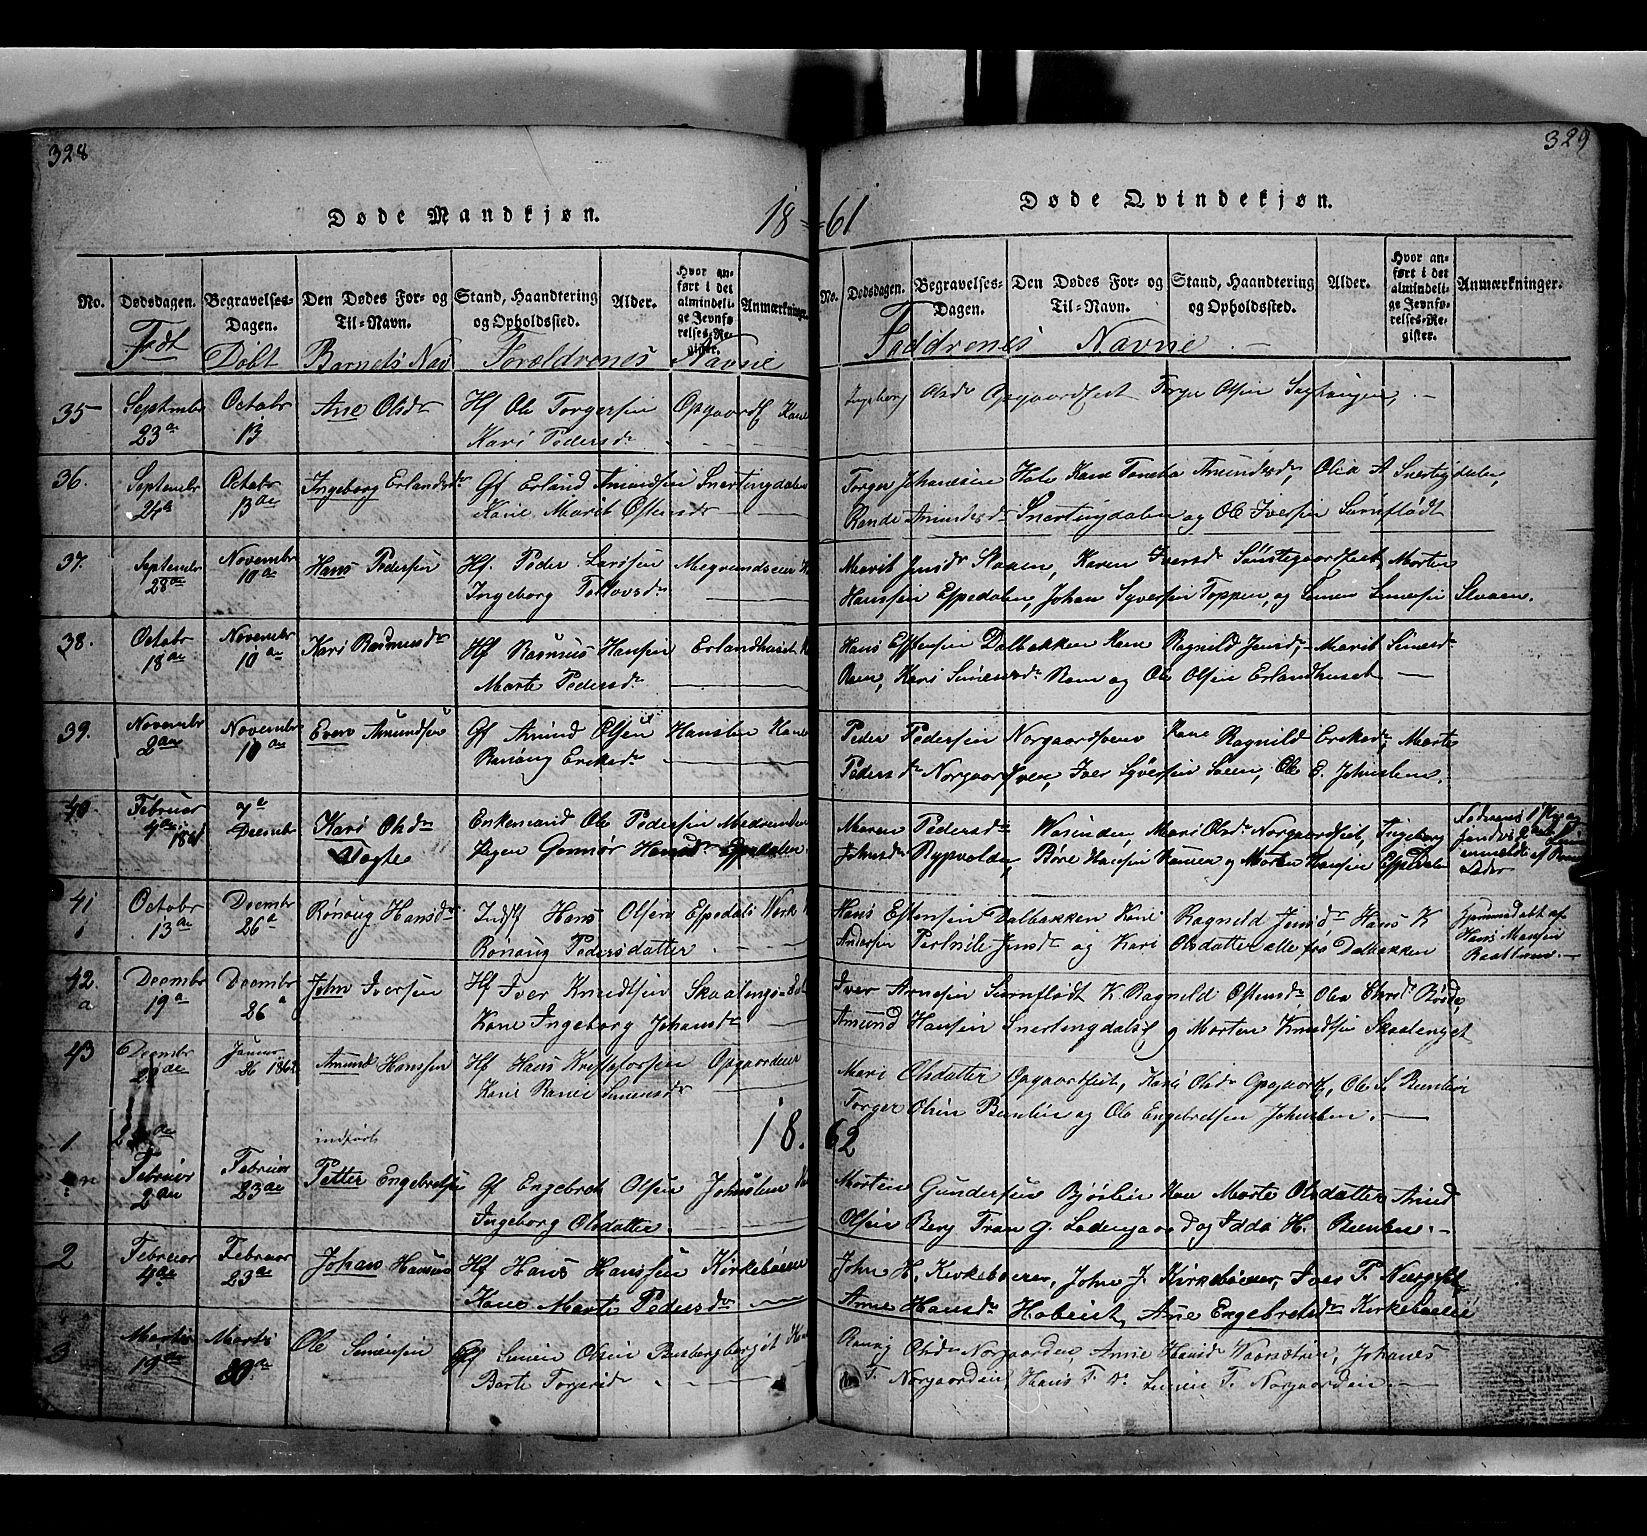 SAH, Gausdal prestekontor, Klokkerbok nr. 2, 1818-1874, s. 328-329